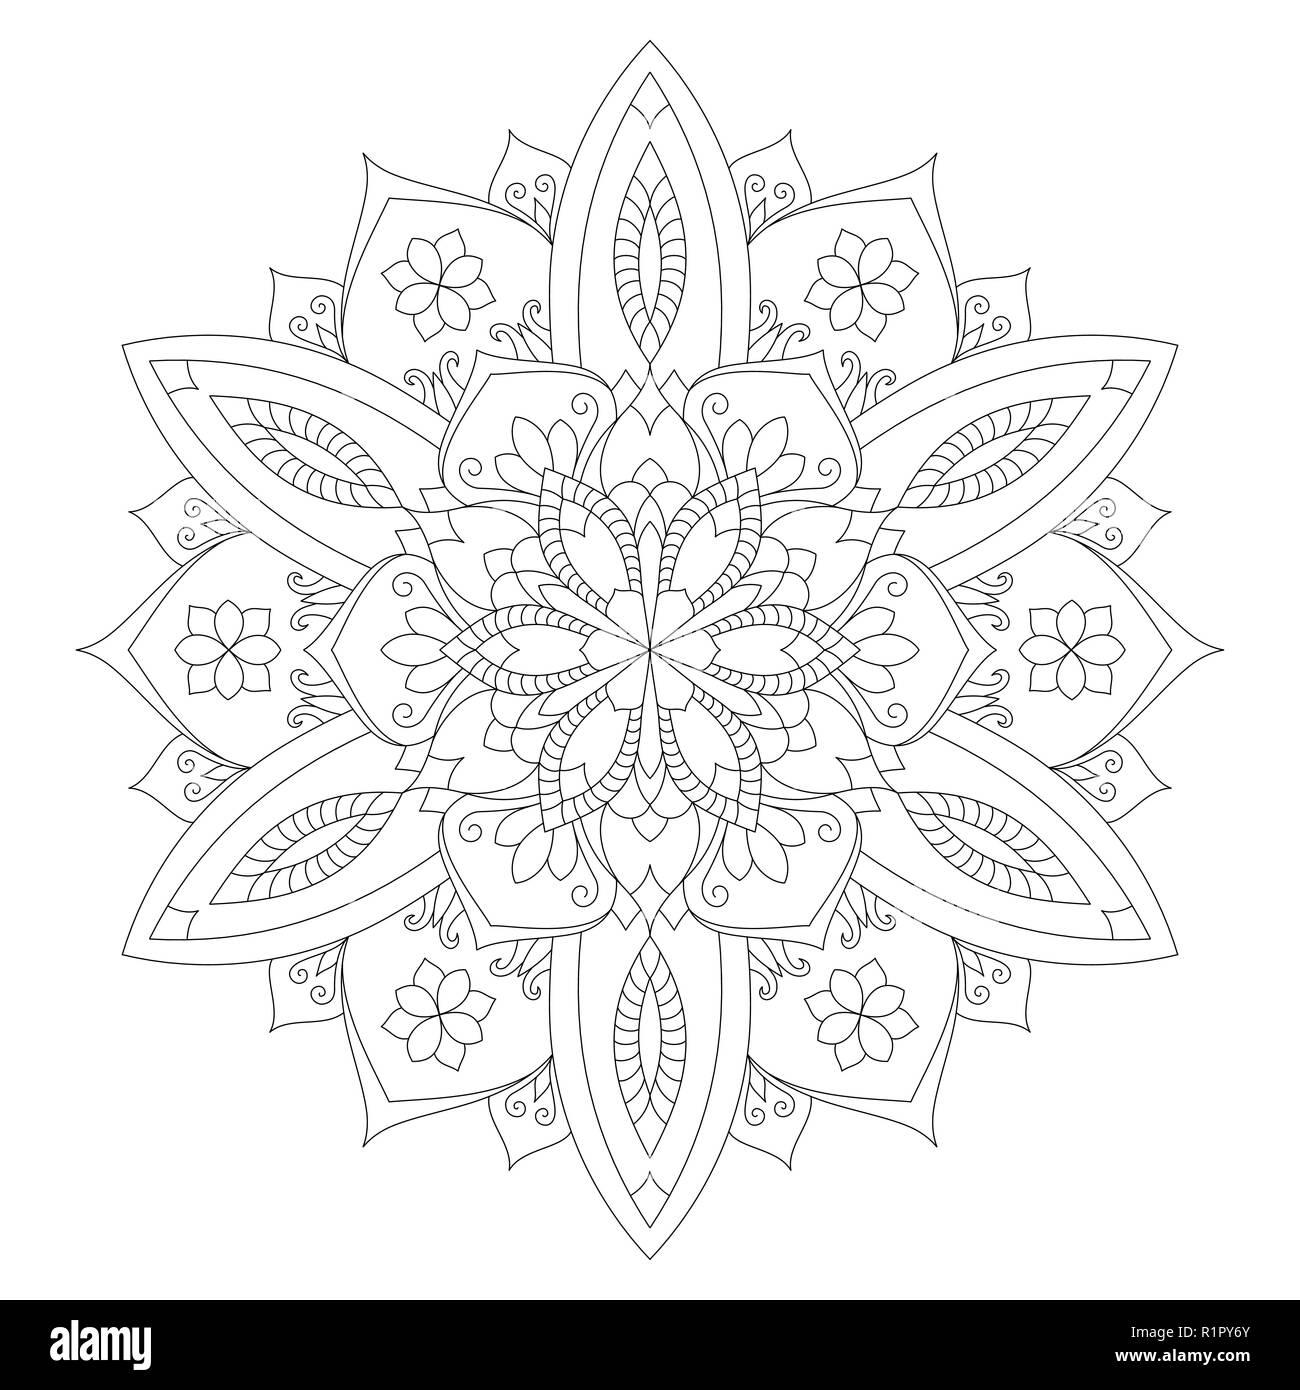 Coloriage Mandala Couleur.Coloriage Mandala Flower Design Livre Adulte Couleur De L Element